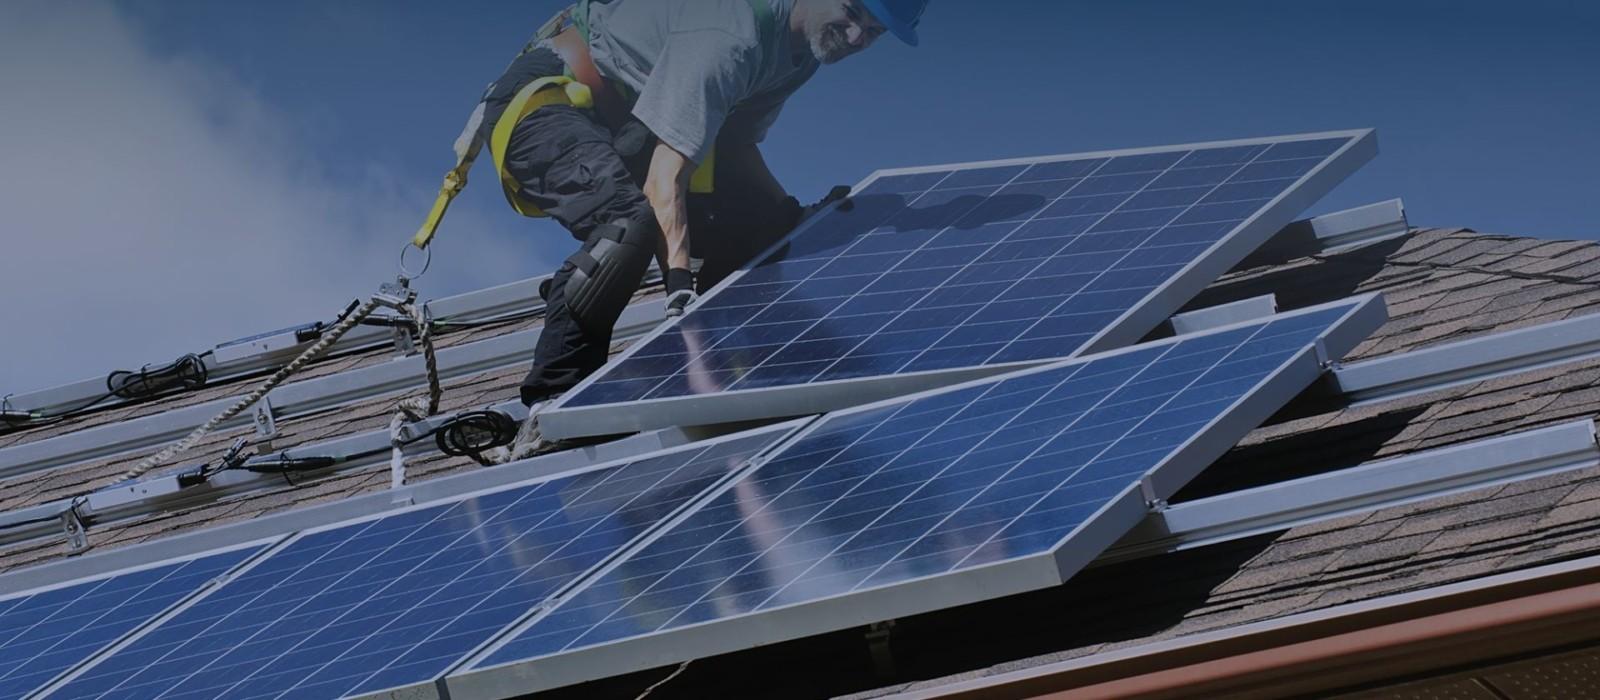 Rénovation De Toitures Photovoltaïques